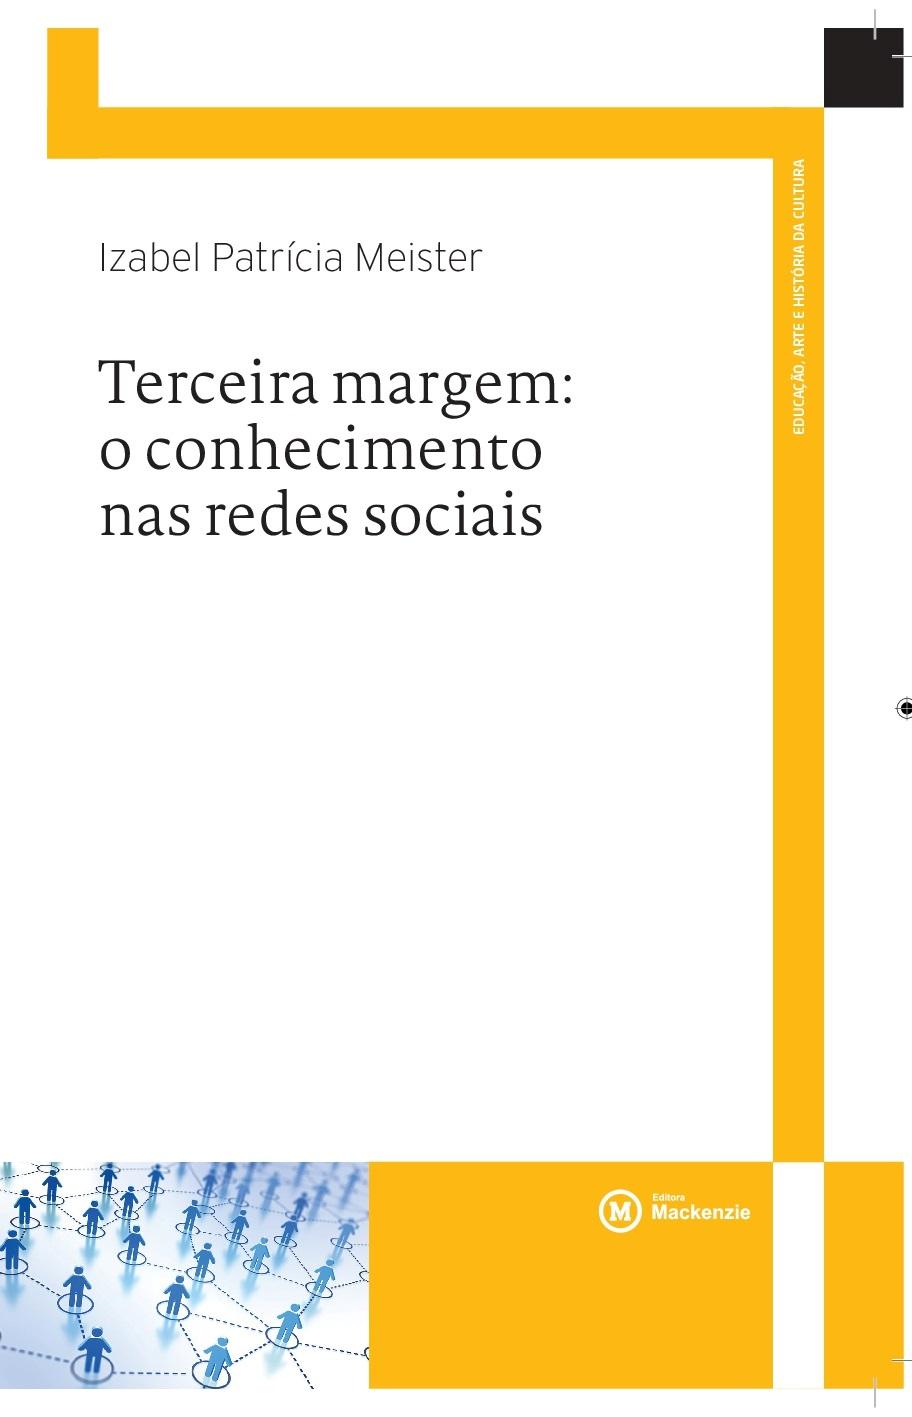 Terceira margem: conhecimento nas redes sociais                                 , livro de Izabel Patrícia Meister